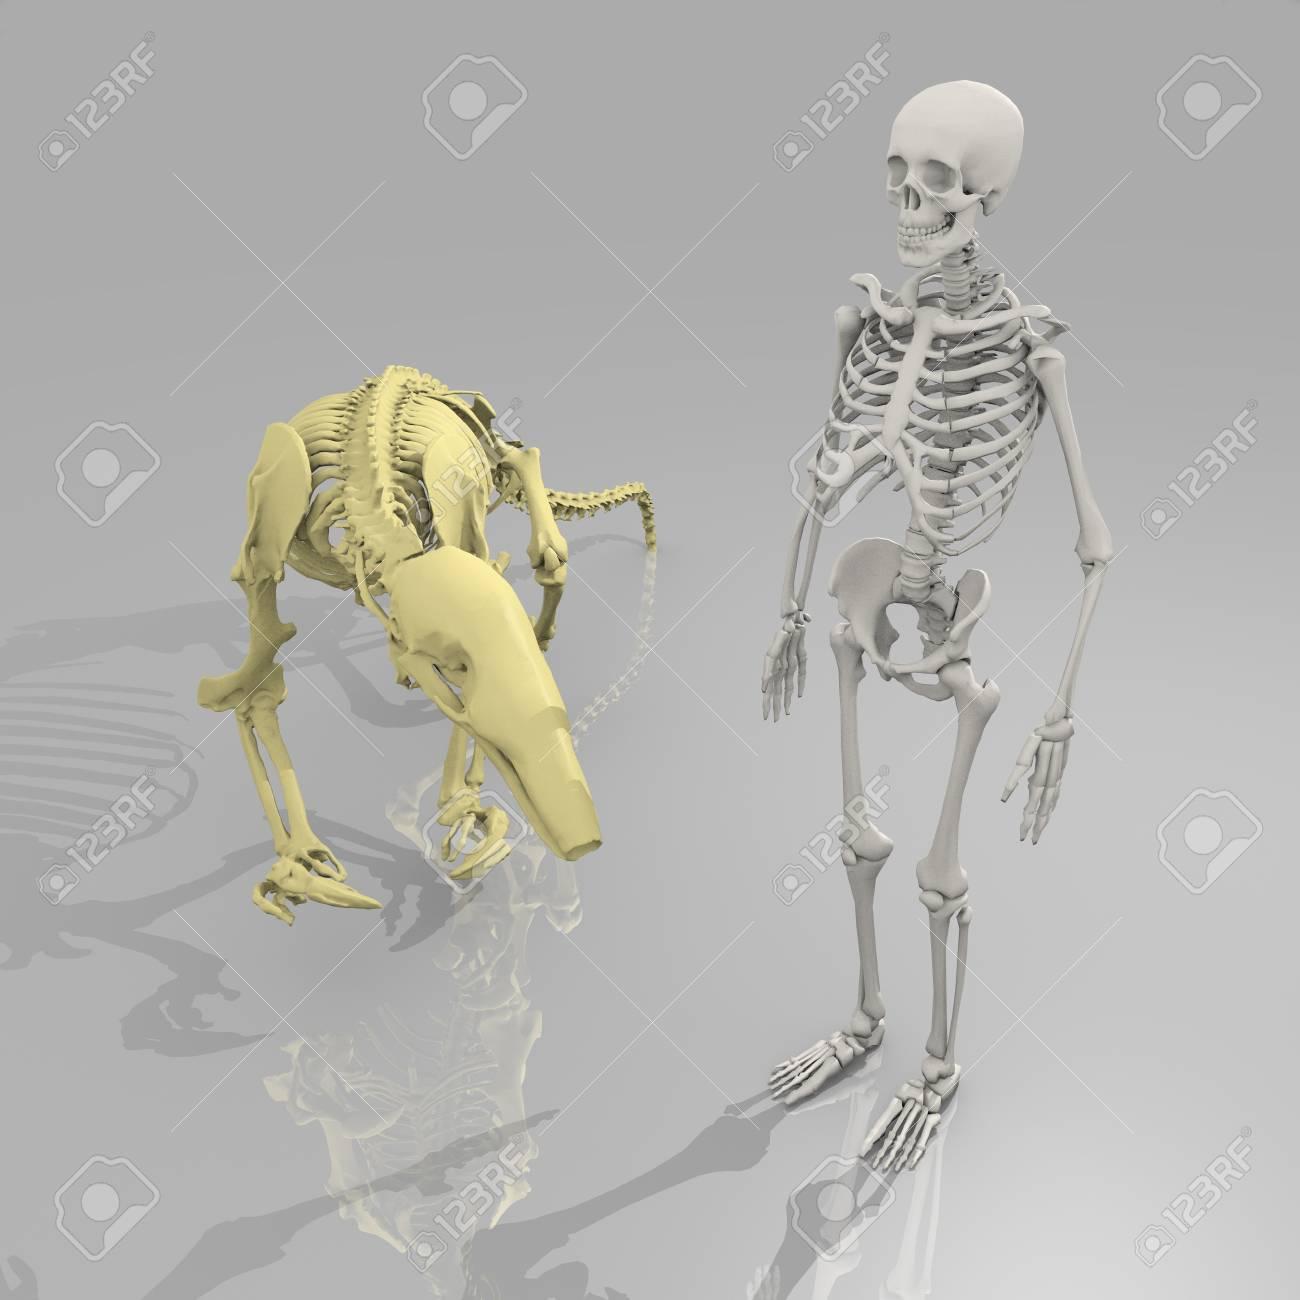 prehistoric couple Stock Photo - 13801999